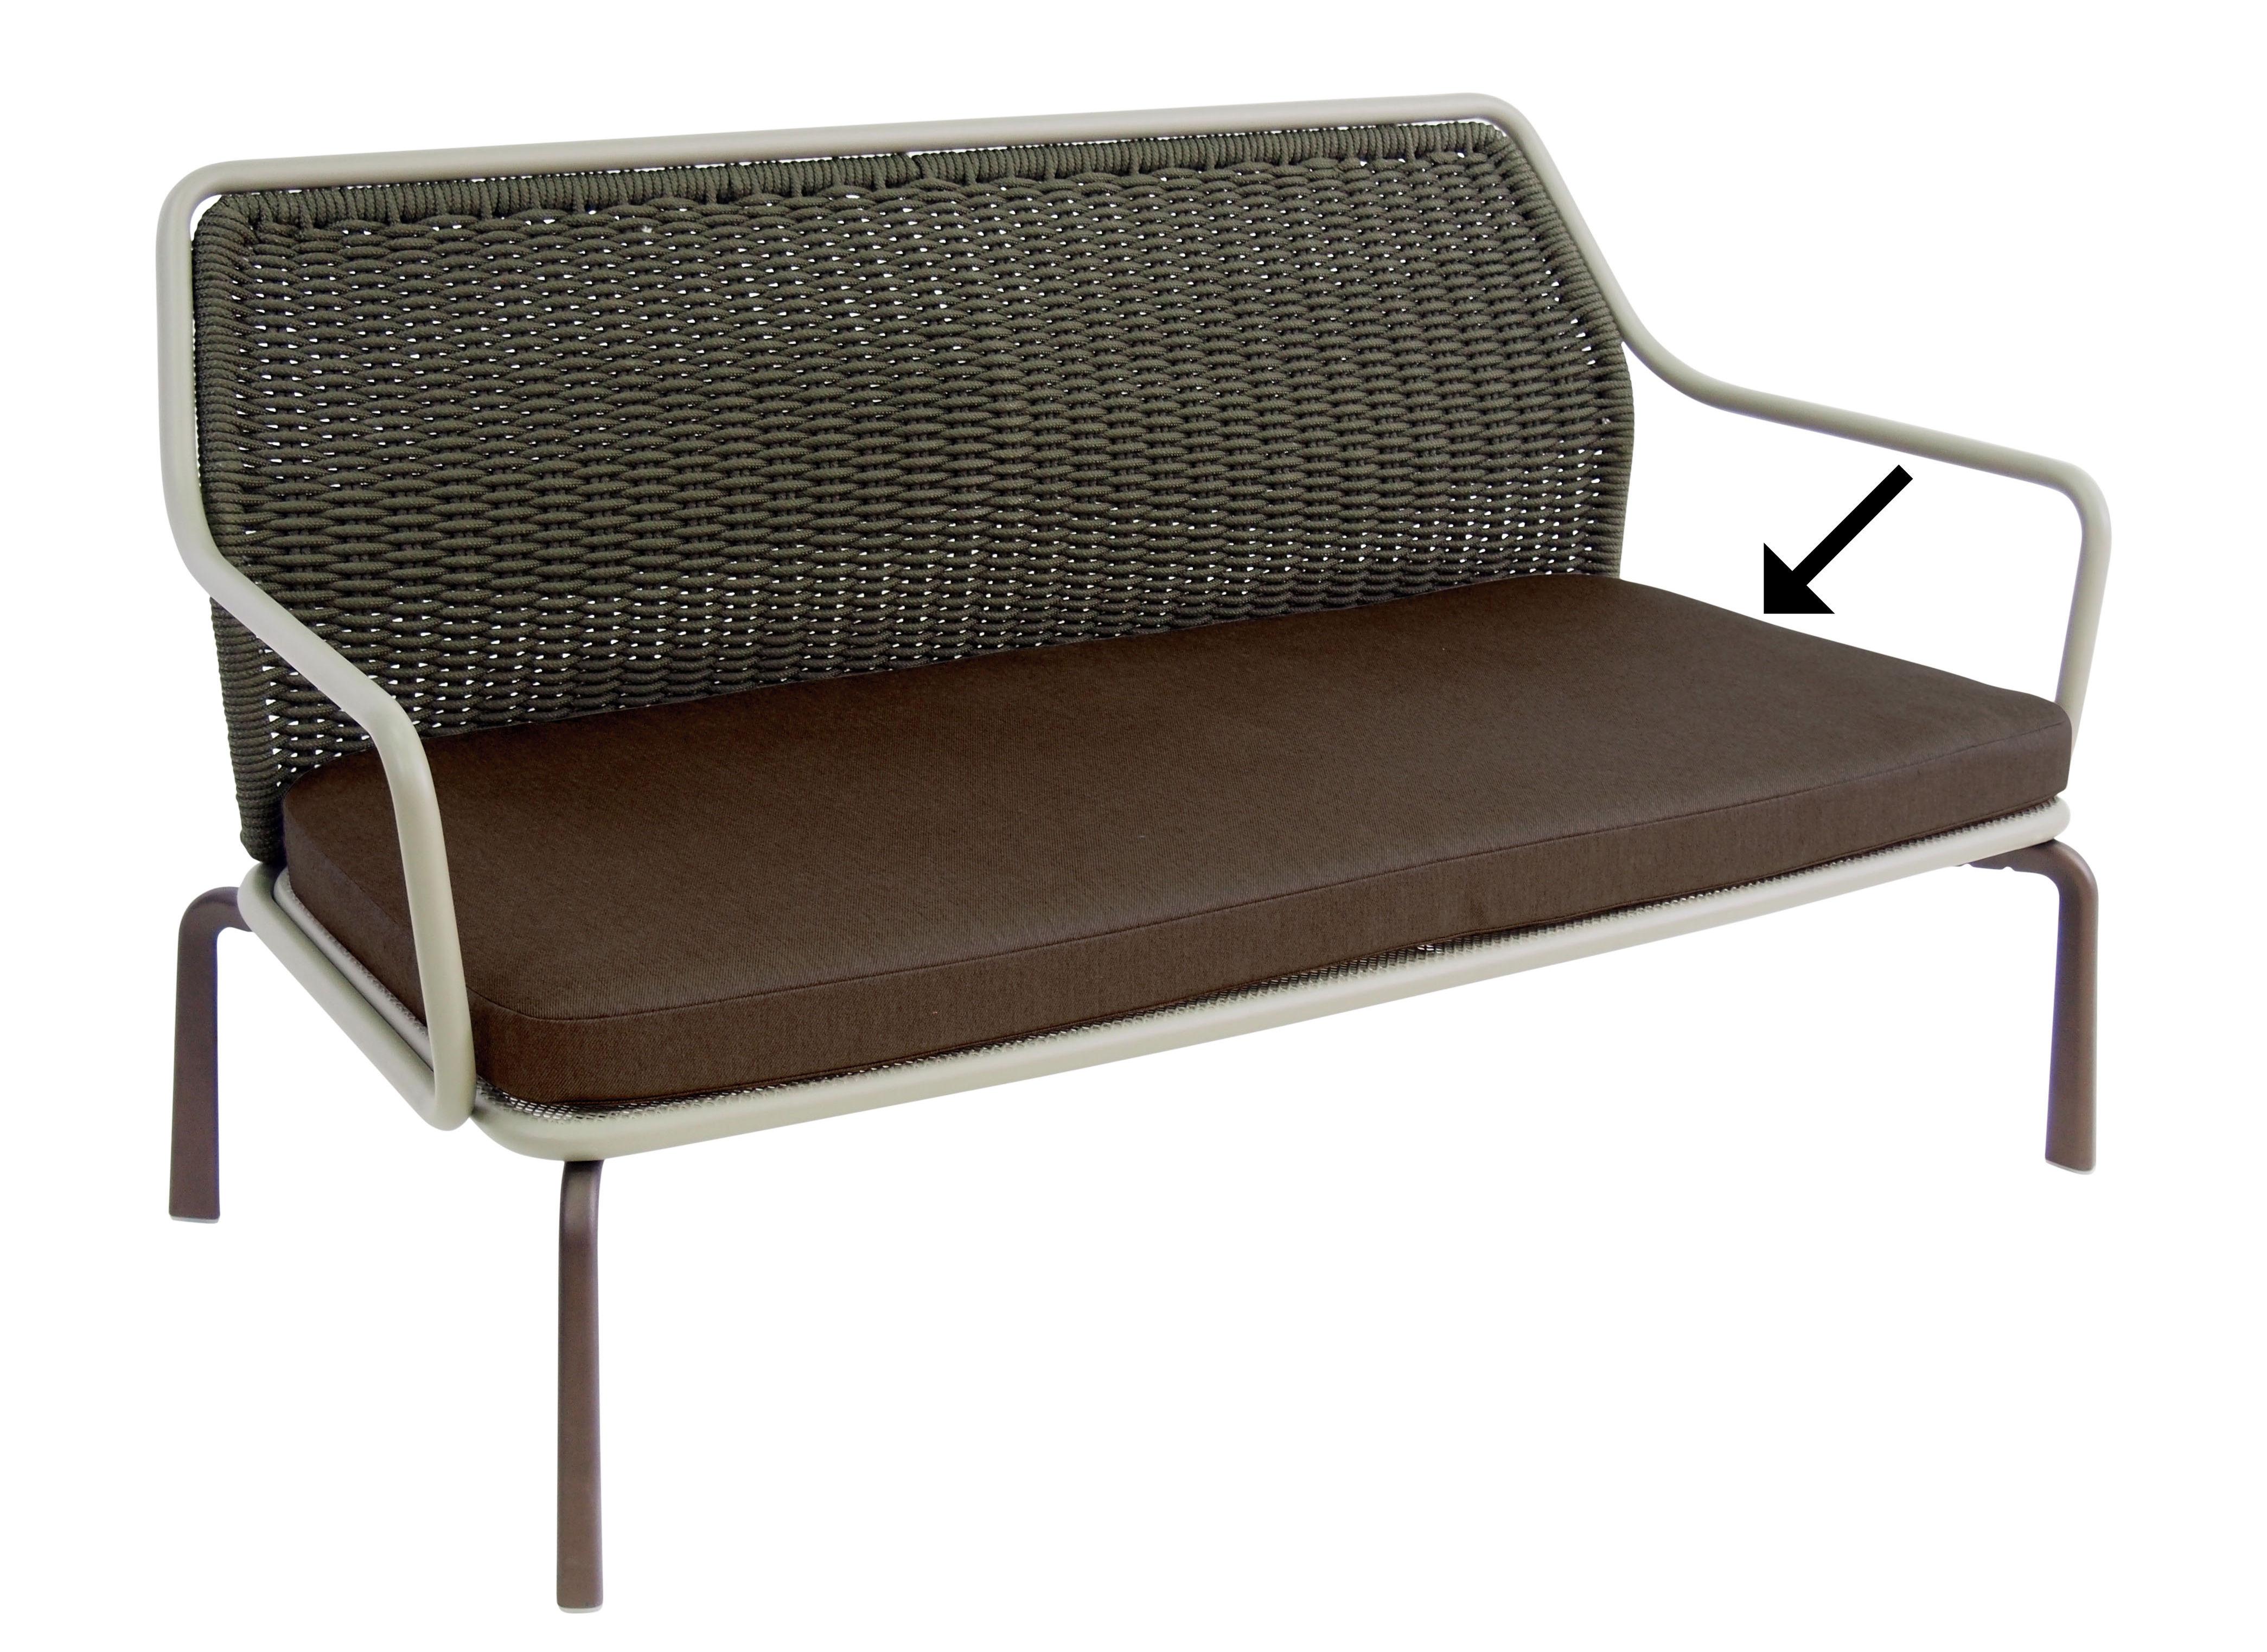 sitzkissen f r sitzbank cross kissen braun by emu made in design. Black Bedroom Furniture Sets. Home Design Ideas